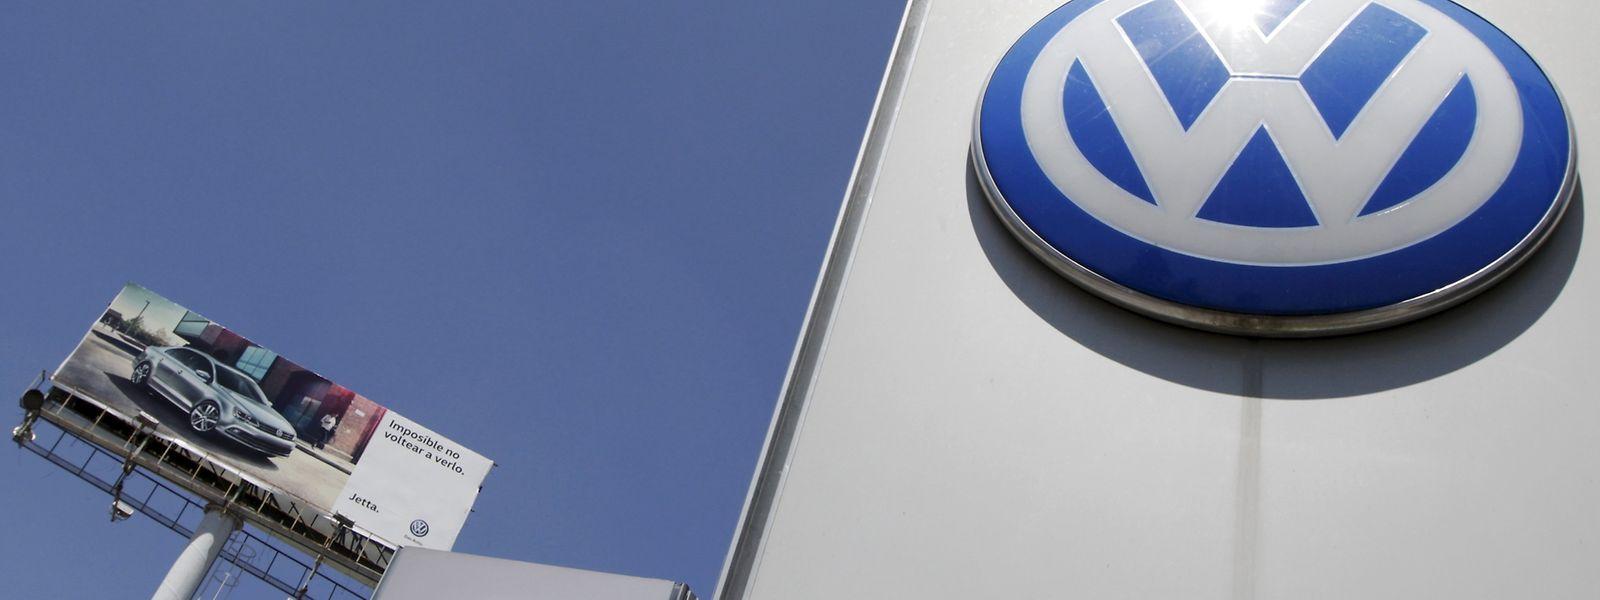 VW: Die deutsche Vorzeigemarke sah schon mal bessere Zeiten.